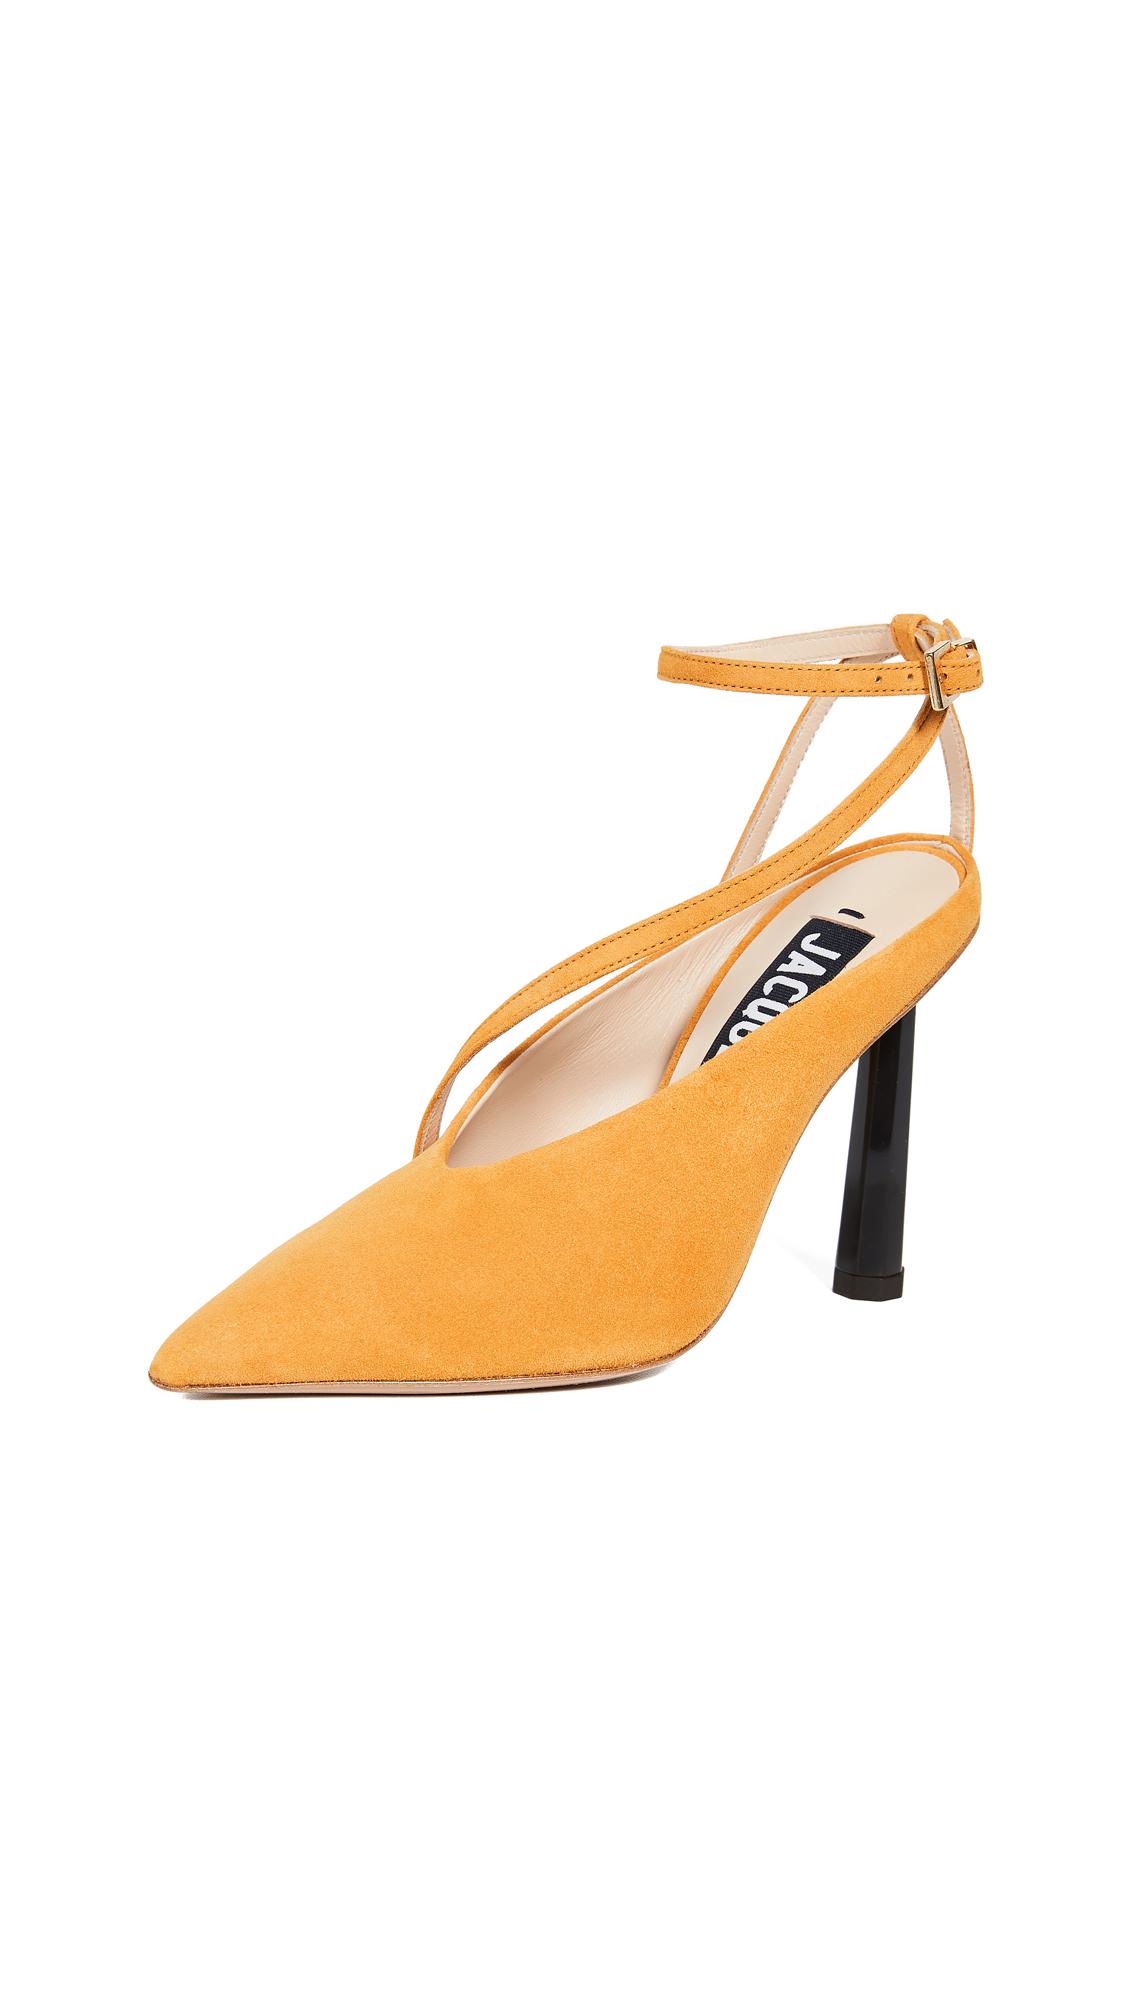 Jacquemus Les Chaussures Faya Pumps - Yellow